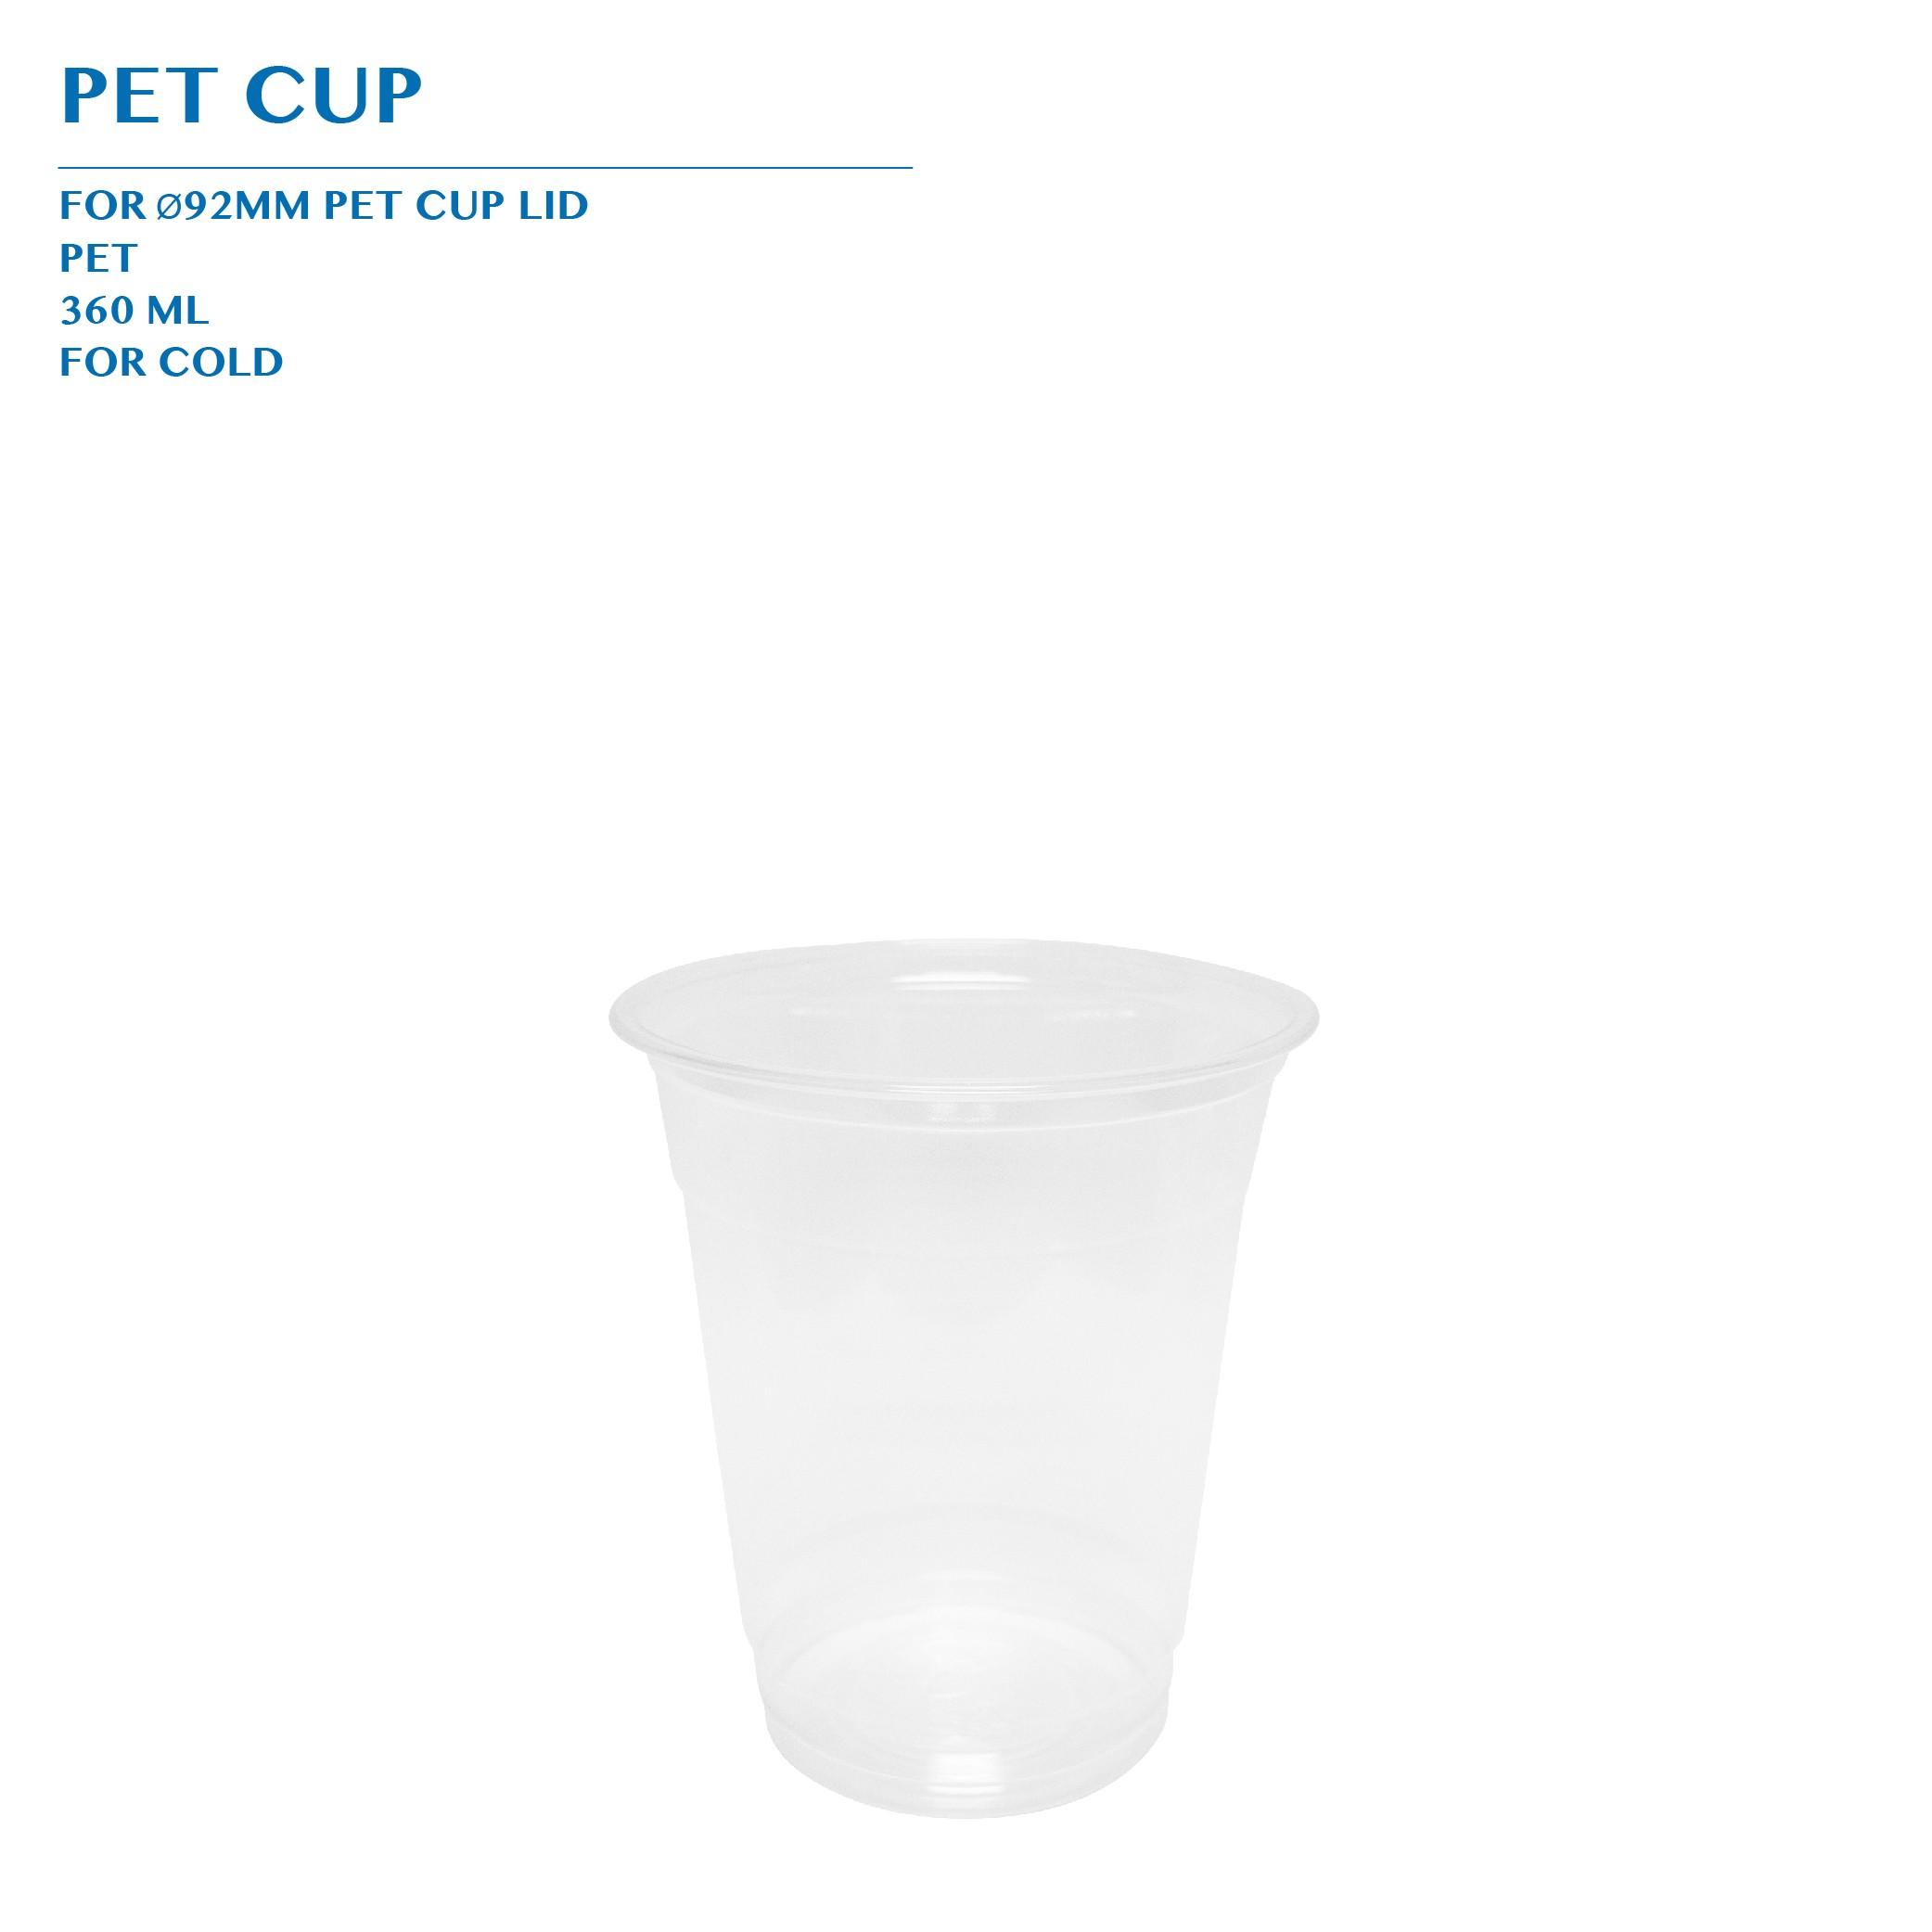 PRE-ORDER PET CUP 360ML Ø92MM 1000PCS/CTN